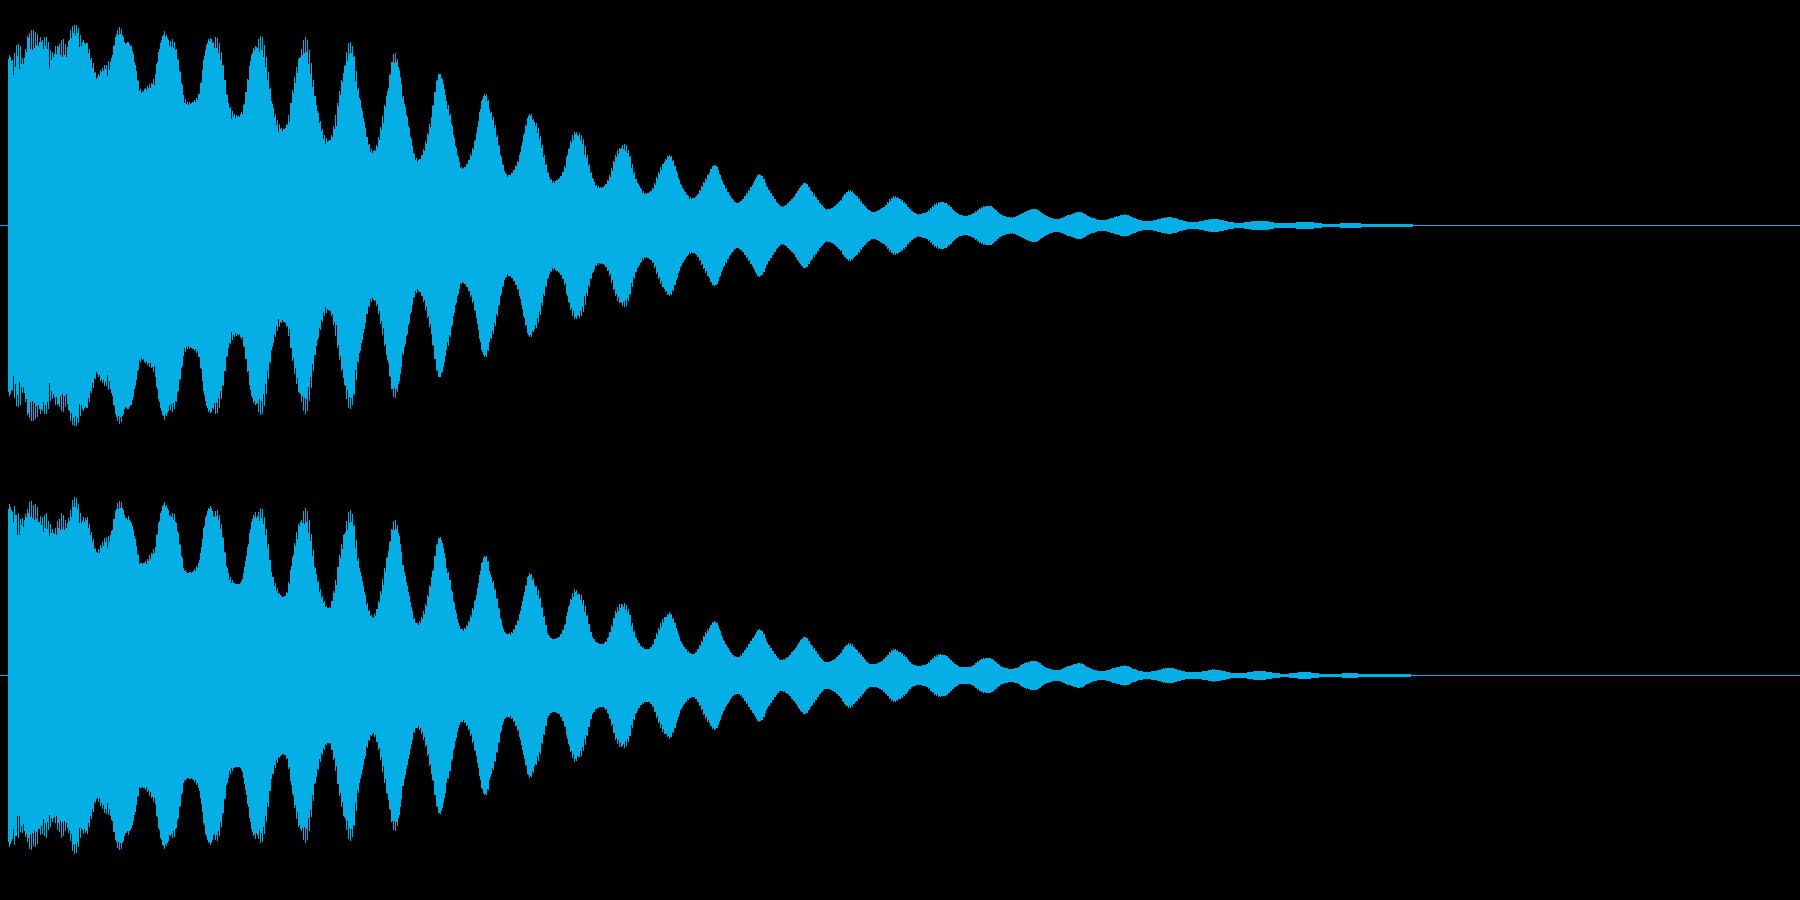 ちーん/お鈴/仏具/仏壇の再生済みの波形